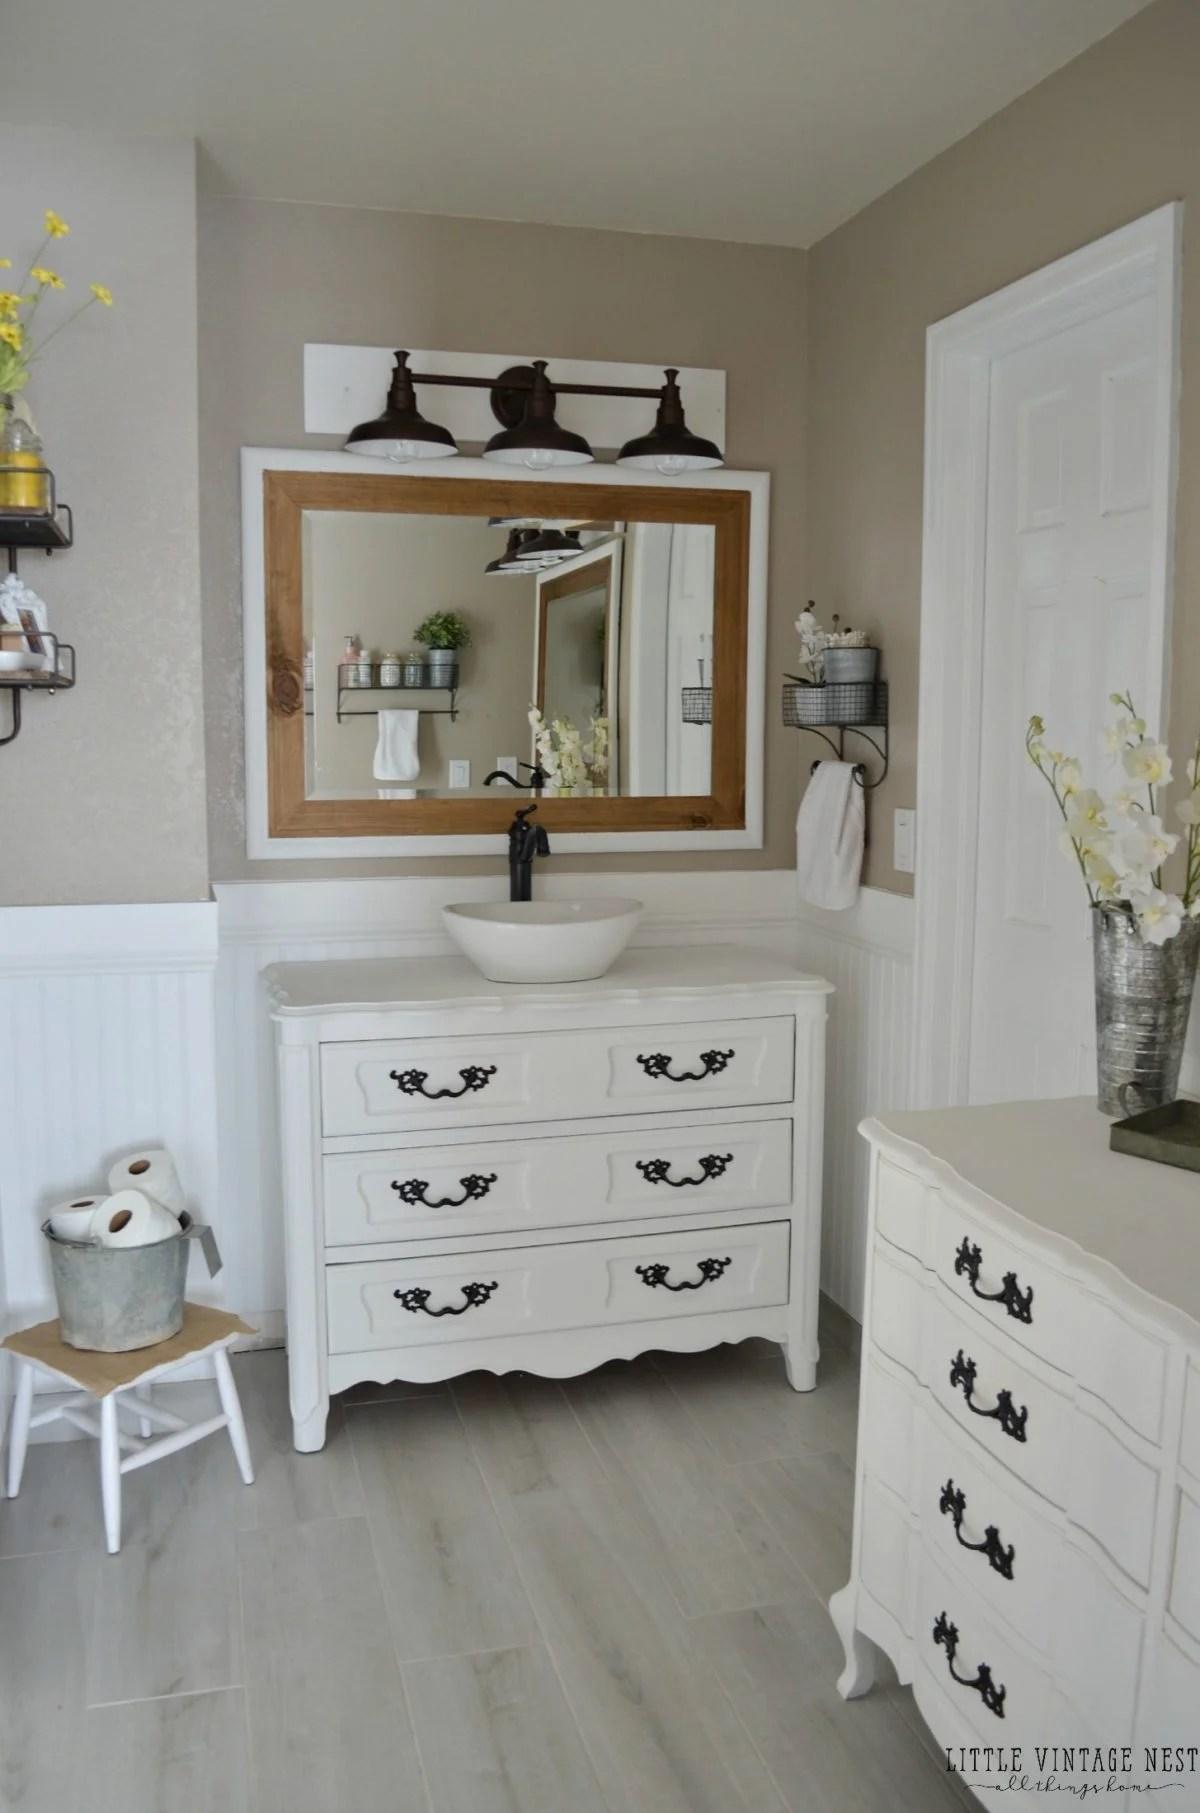 Farmhouse Master Bathroom Reveal - Little Vintage Nest on Farmhouse Shower Ideas  id=36181